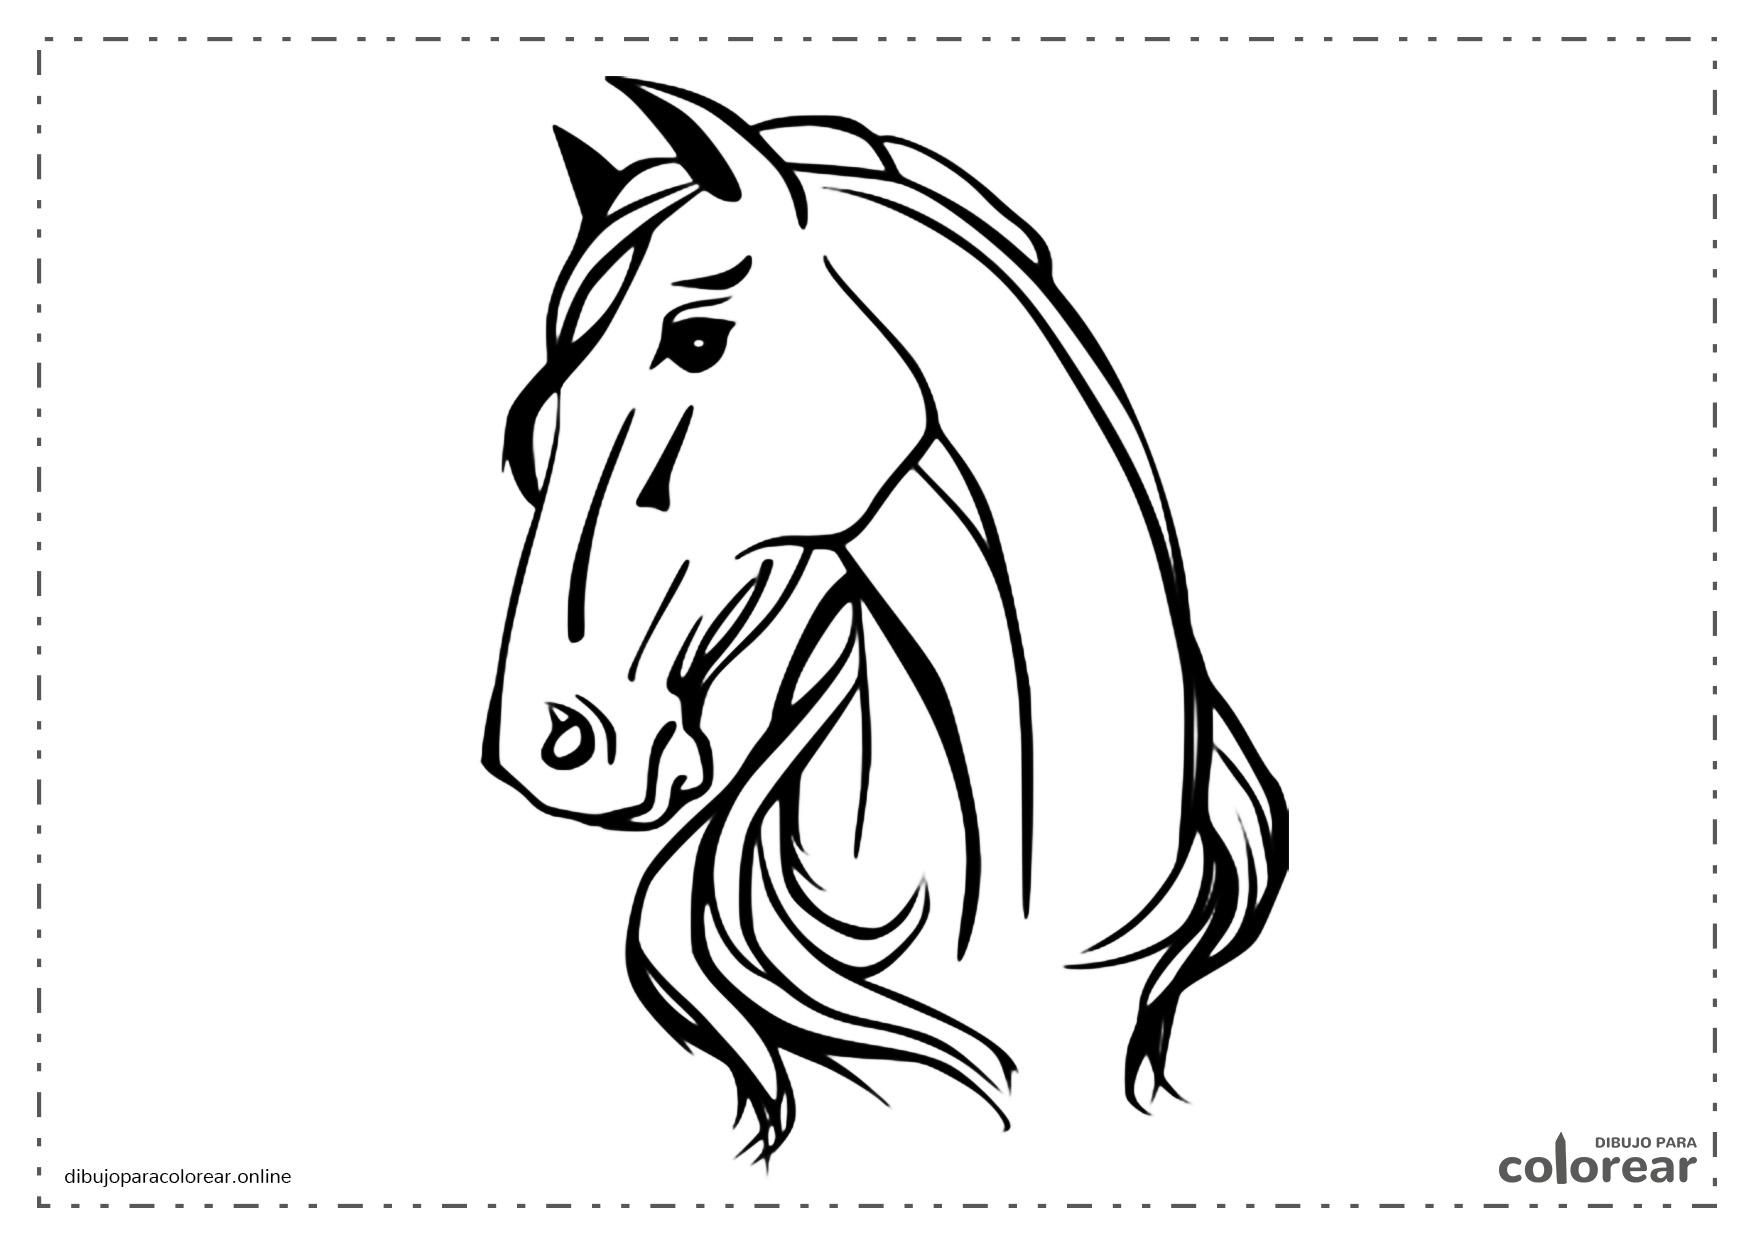 Kleurplaten Dieren Paarden Coloring And Drawing